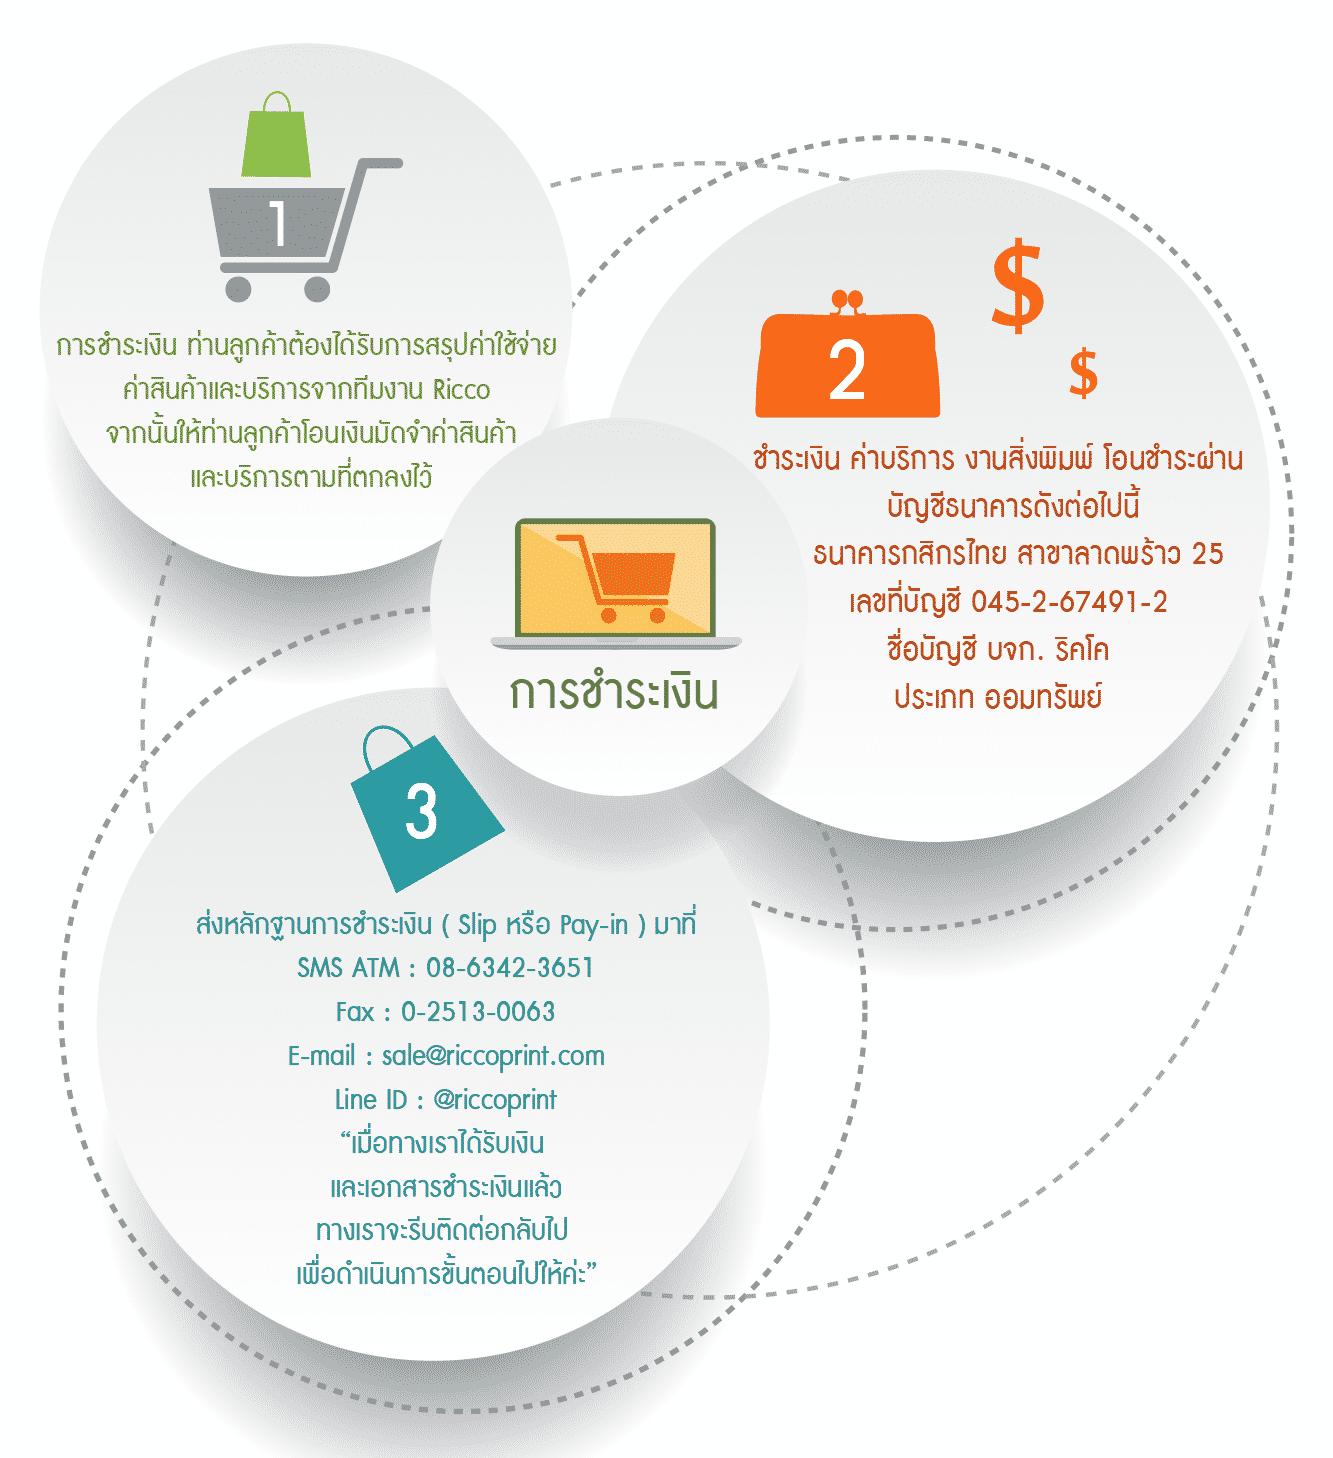 รูป Cash.3 01 - ประกอบเนื้อหา วิธีการชำระเงินมัดจำ และชำระค่าบริการงานพิมพ์